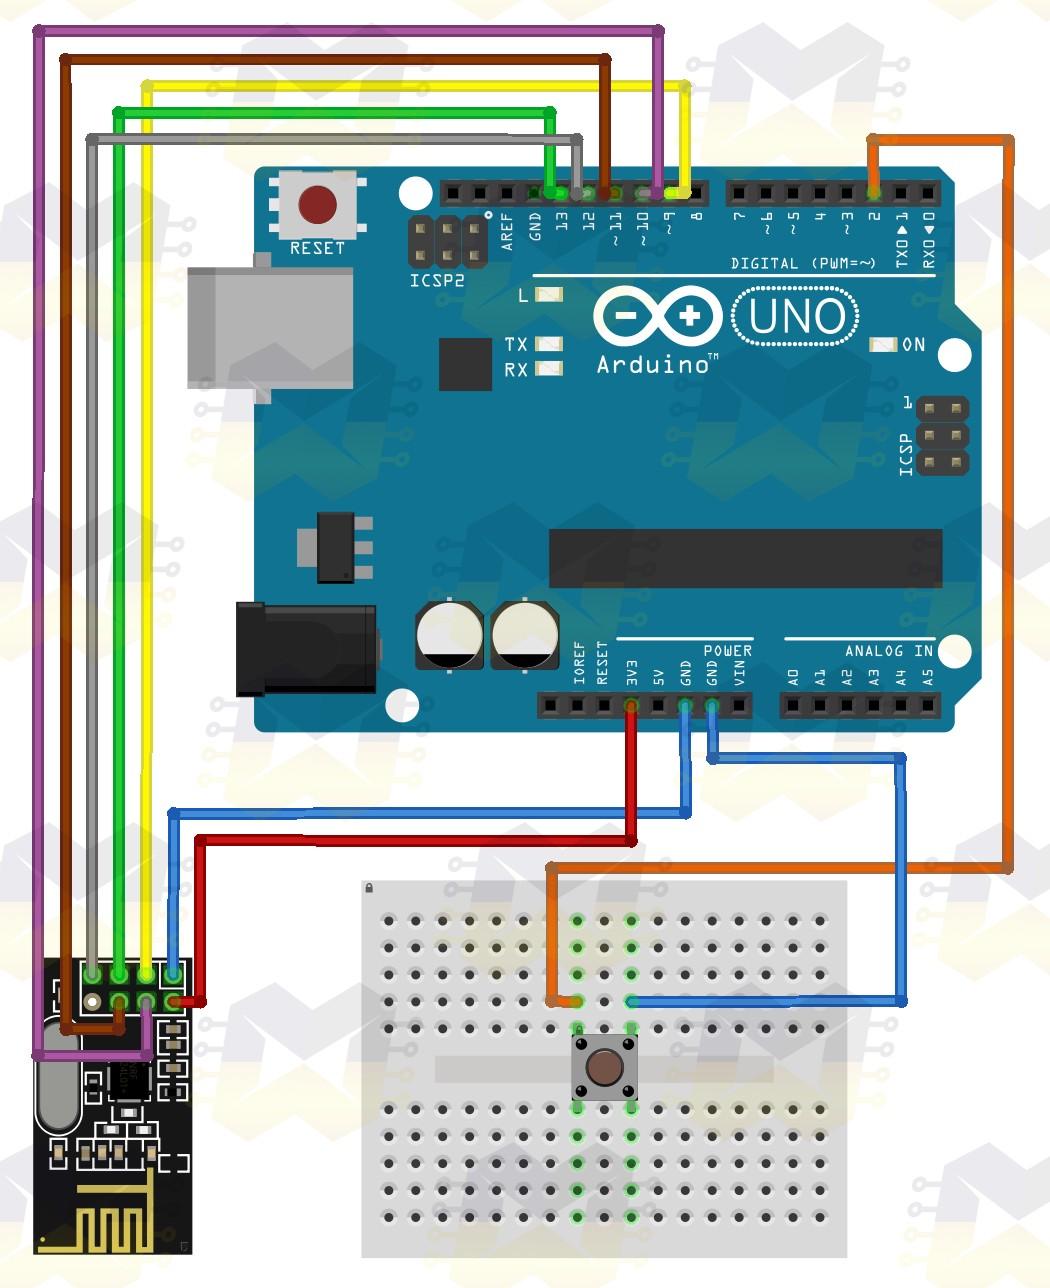 img01_como_usar_com_arduino_modulo_transceptor_wireless_2_4ghz_nrf24l01_uno_mega_2560_sem_fio_rf_wifi_dados_led